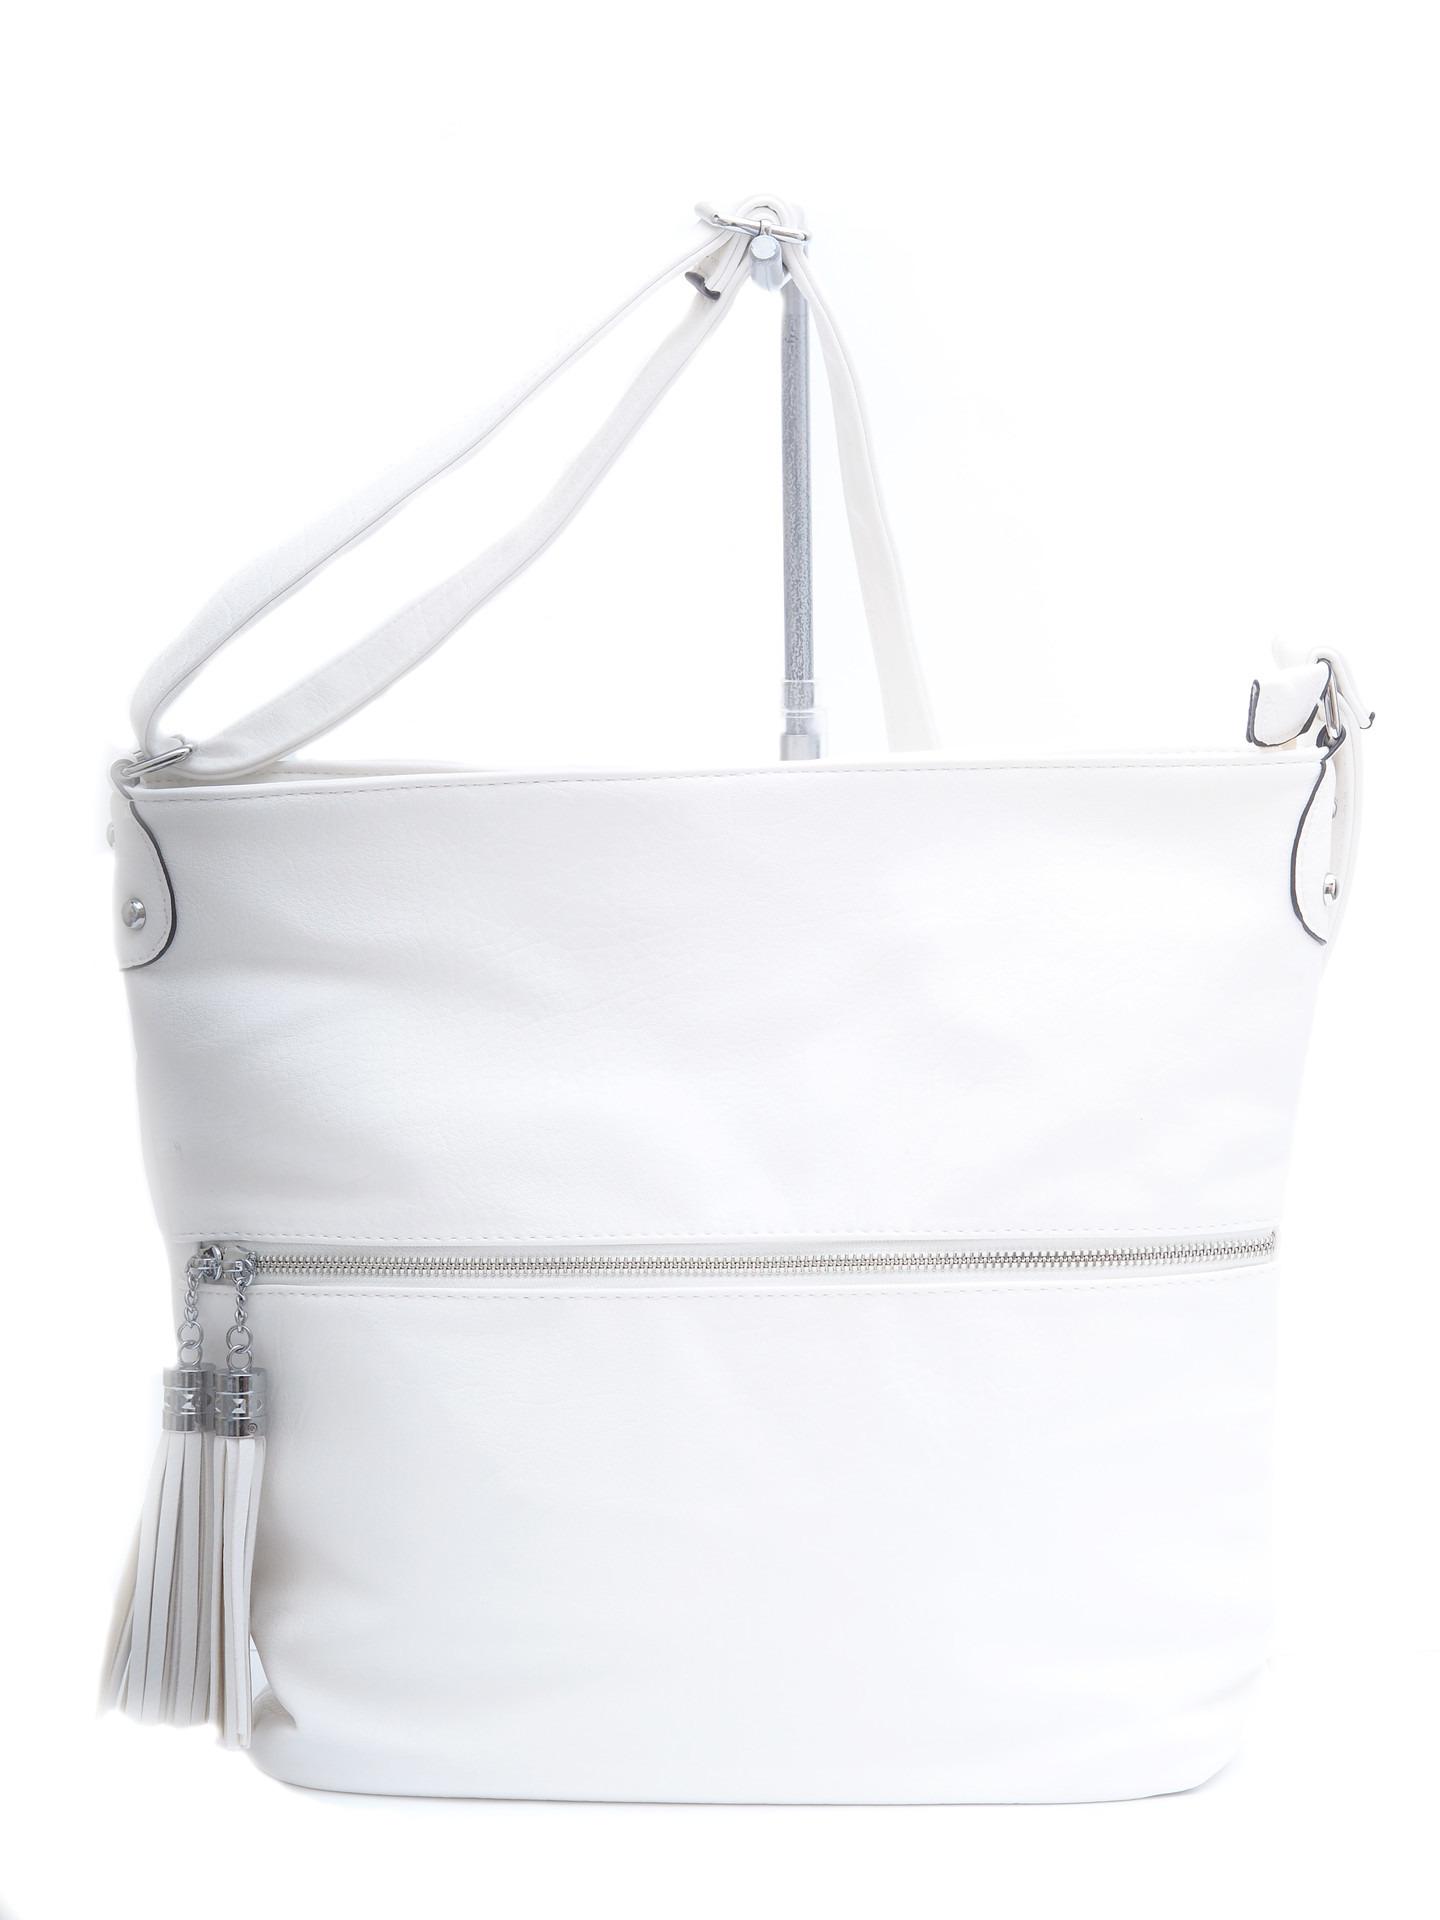 Soňa - Dámska - Dámske kabelky - Dámska kabelka cez plece- biela 888be7ce984